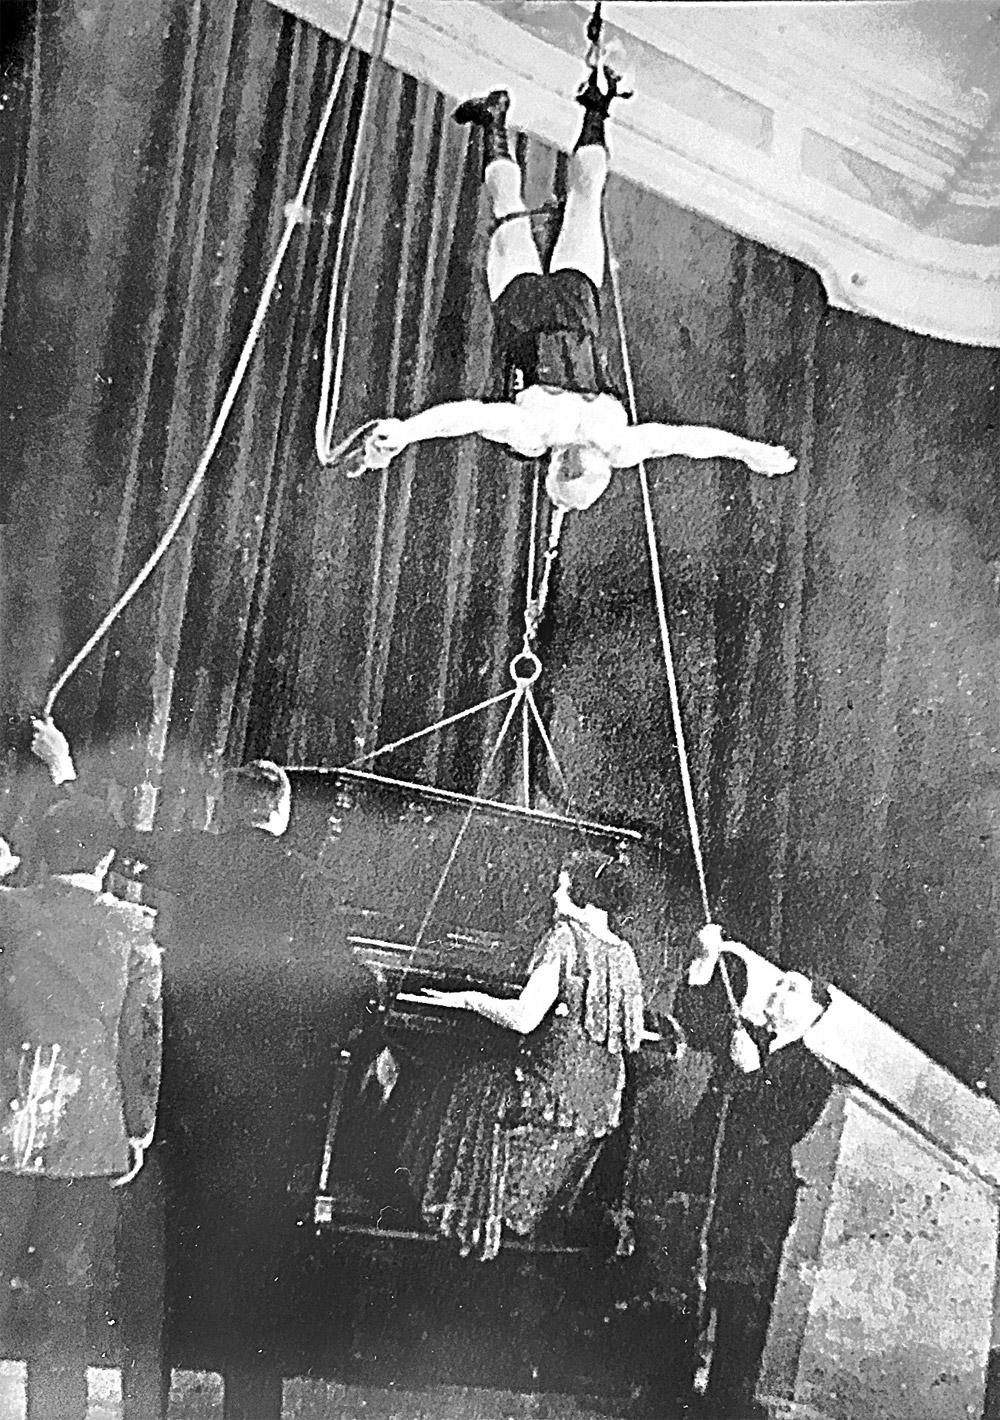 Силача поднимают под купол цирка, в то вре- мя как он держит зубами канат, на котором висит рояль с играющей на нём акробаткой.